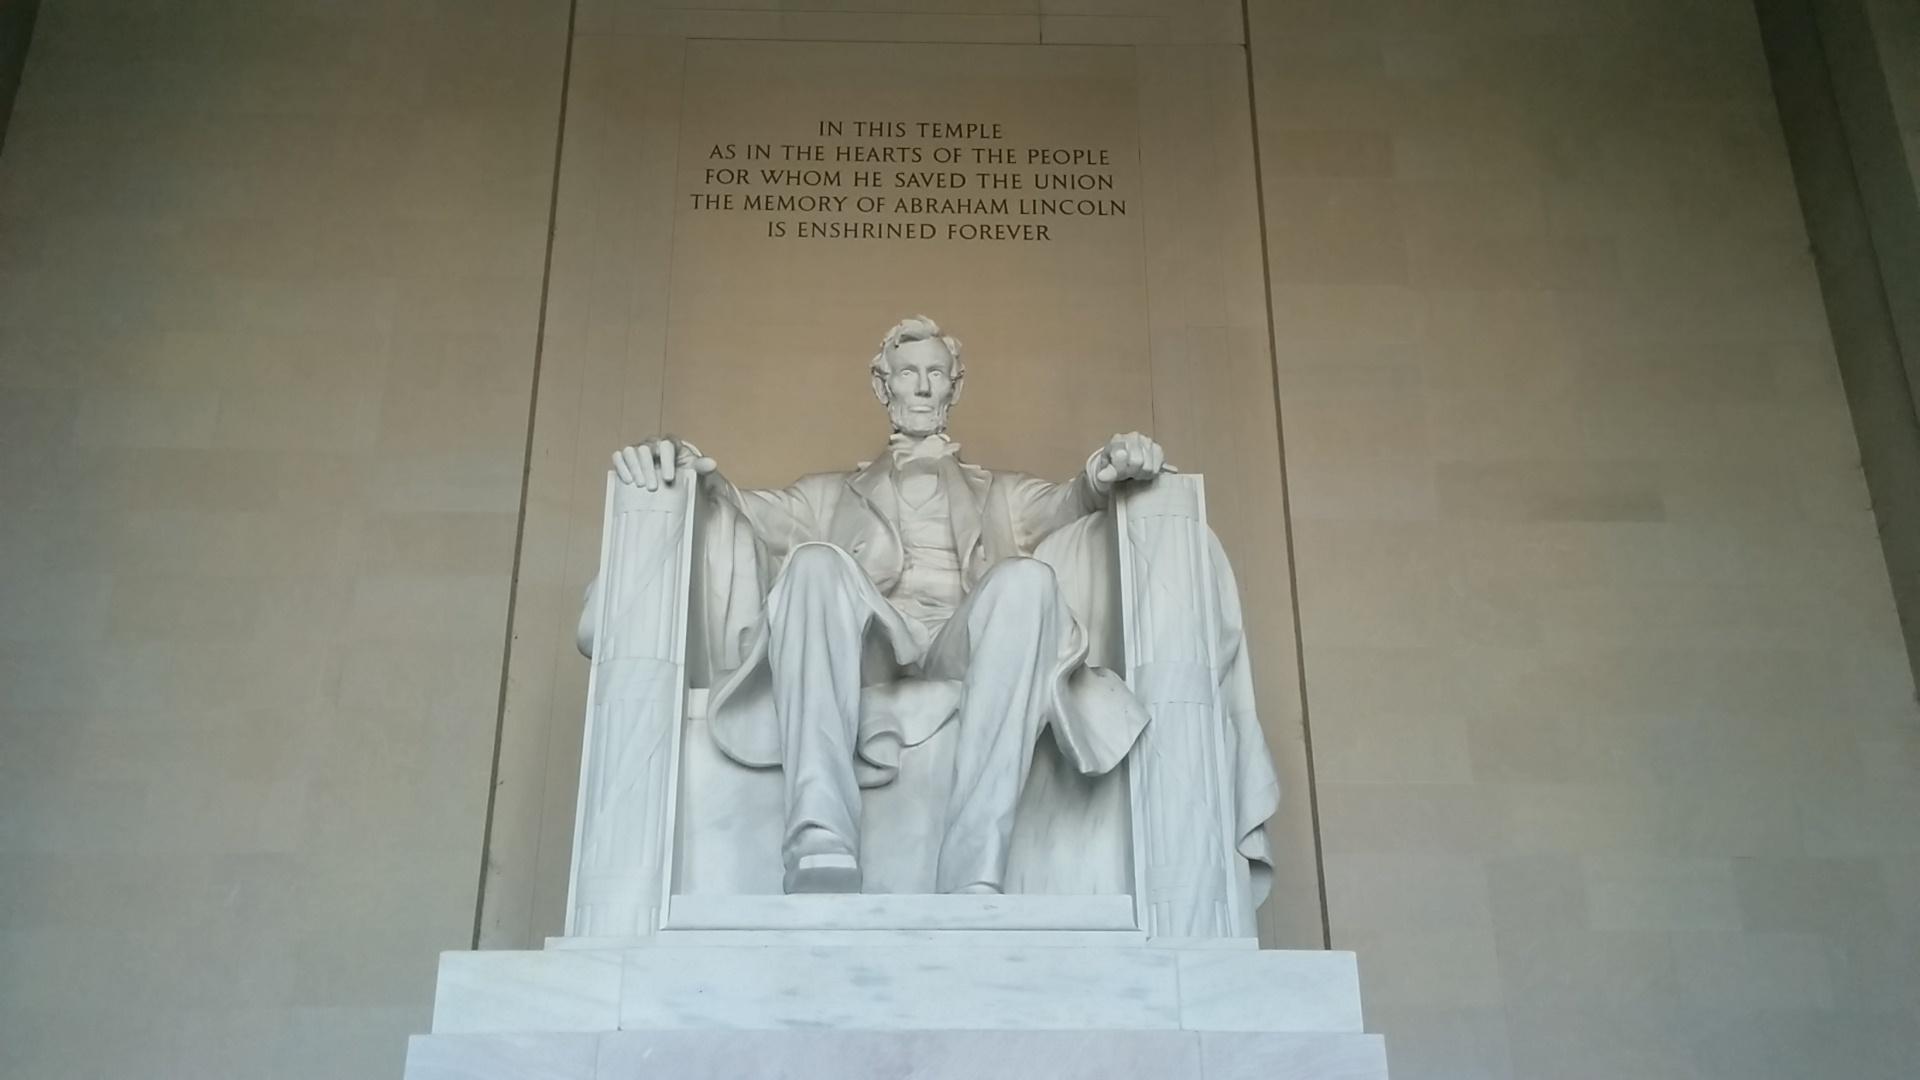 Abramone Lincoln